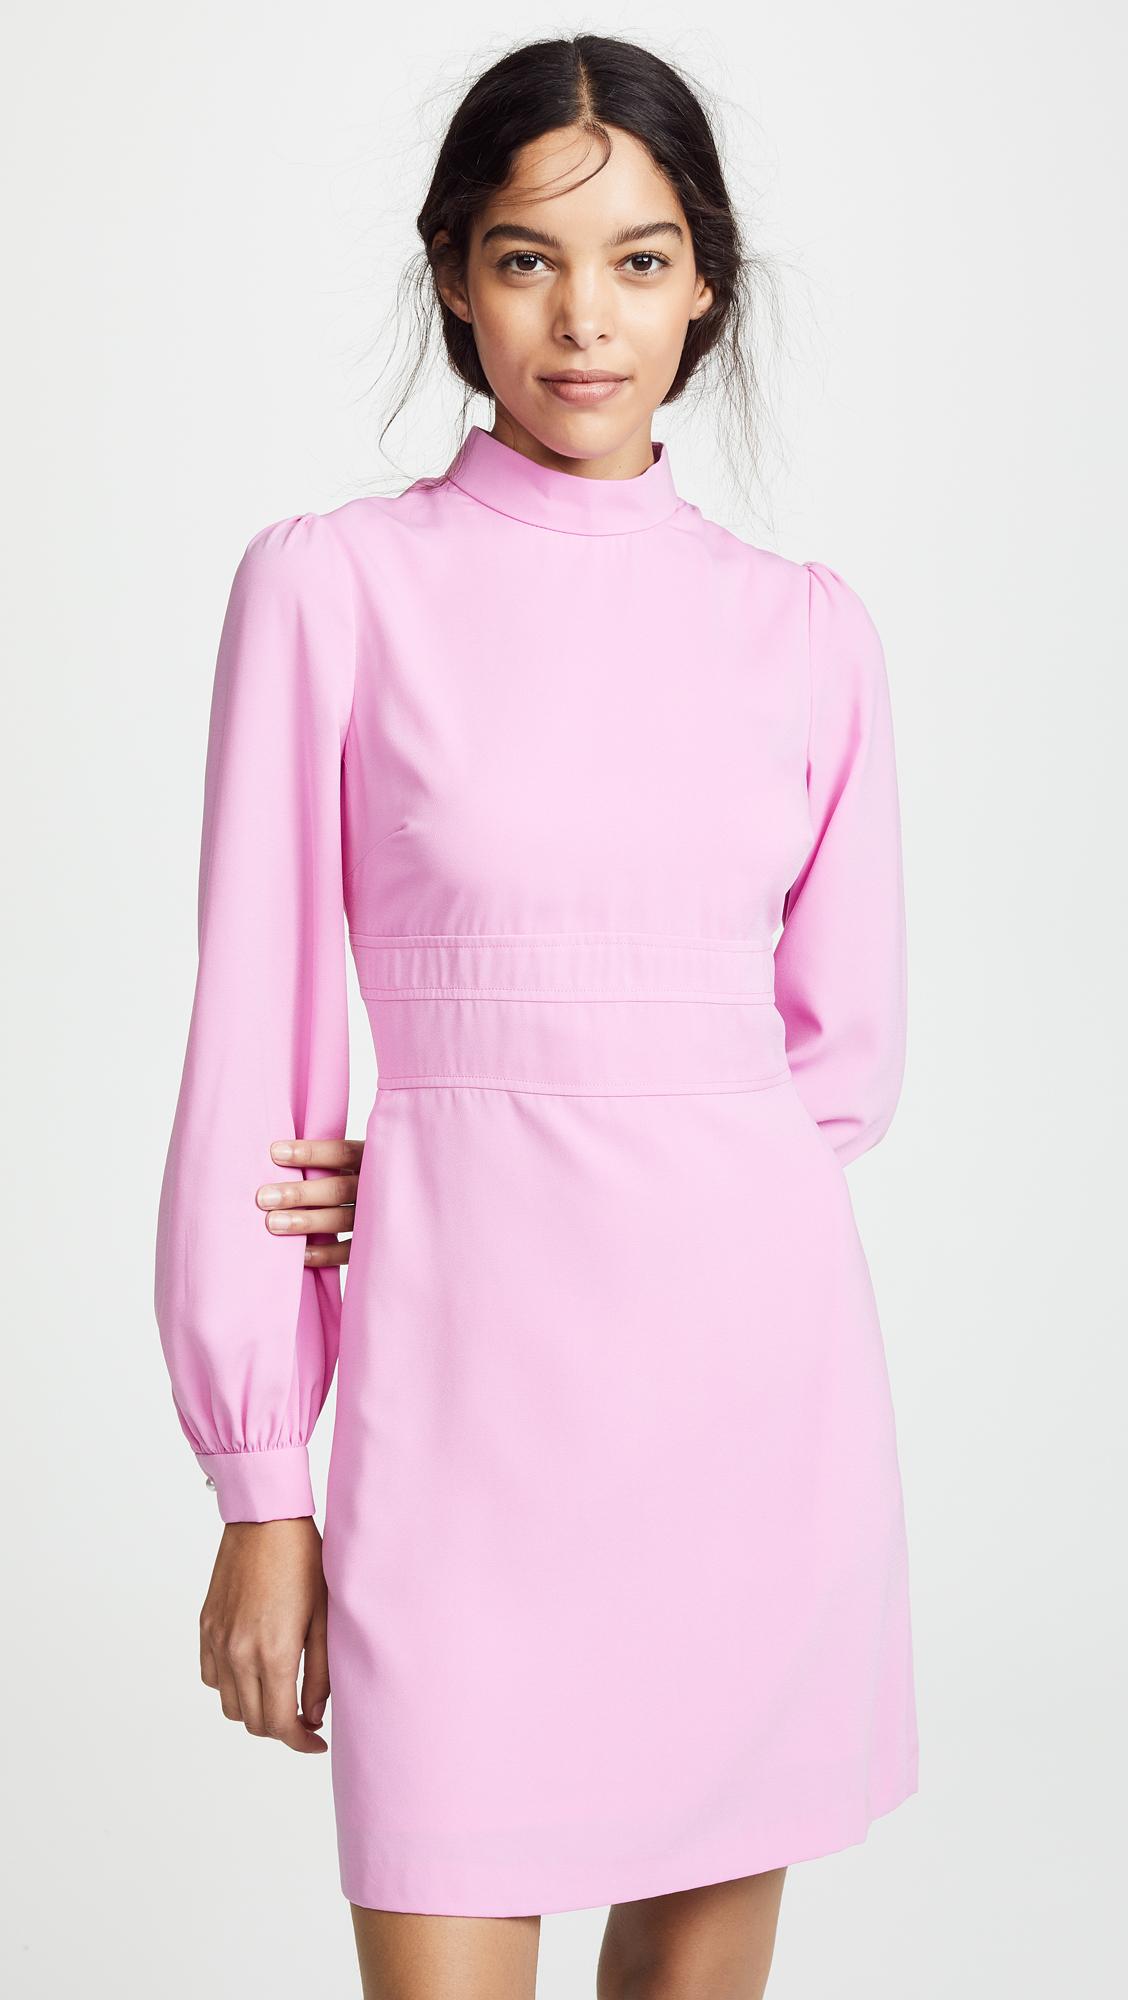 Jill Jill Stuart Puff Sleeve Dress